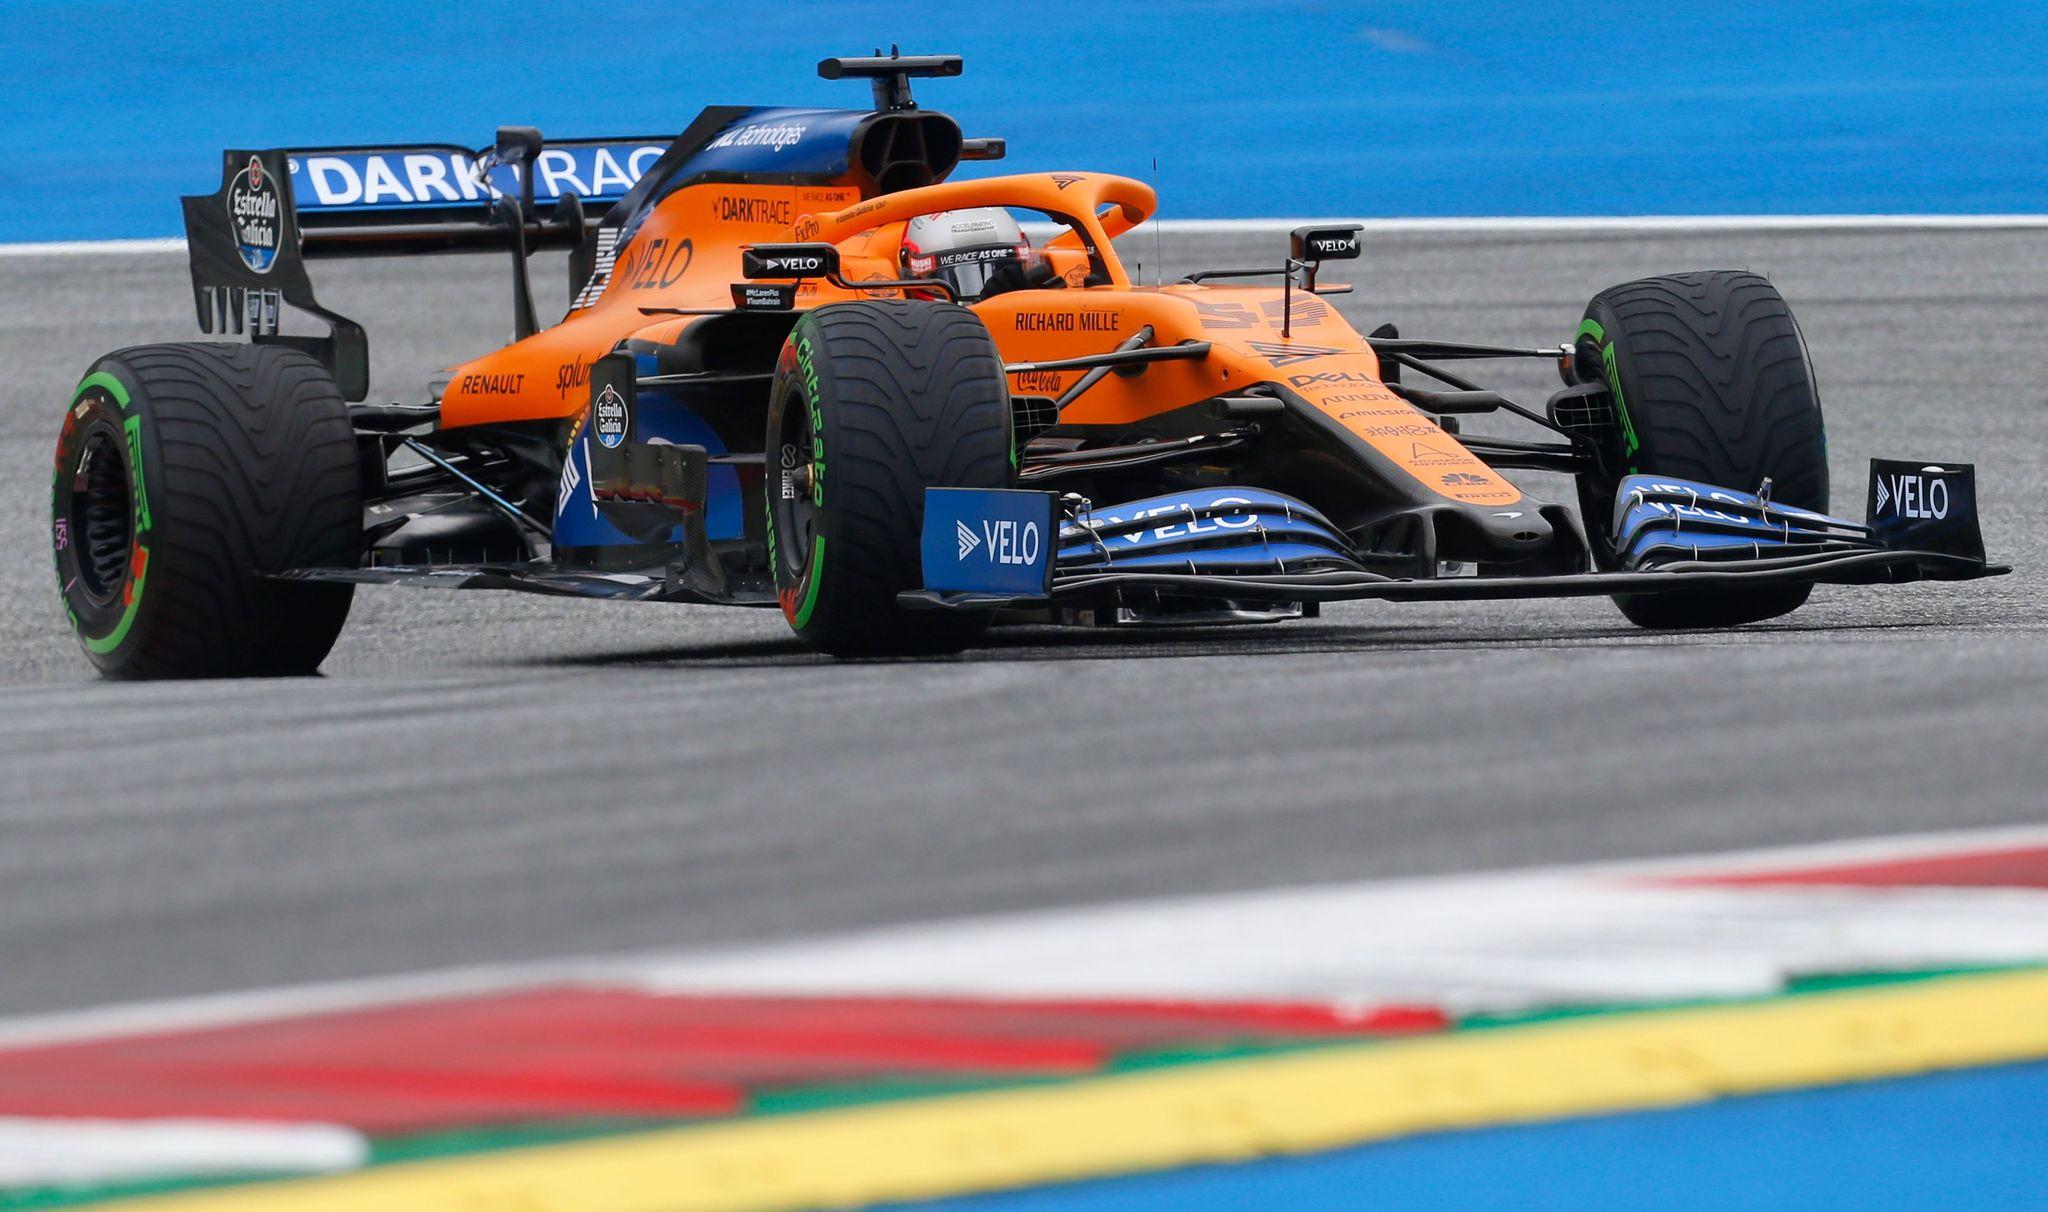 Doblete de Mercedes, alerón roto para Sainz y malas sensaciones de Ferrari